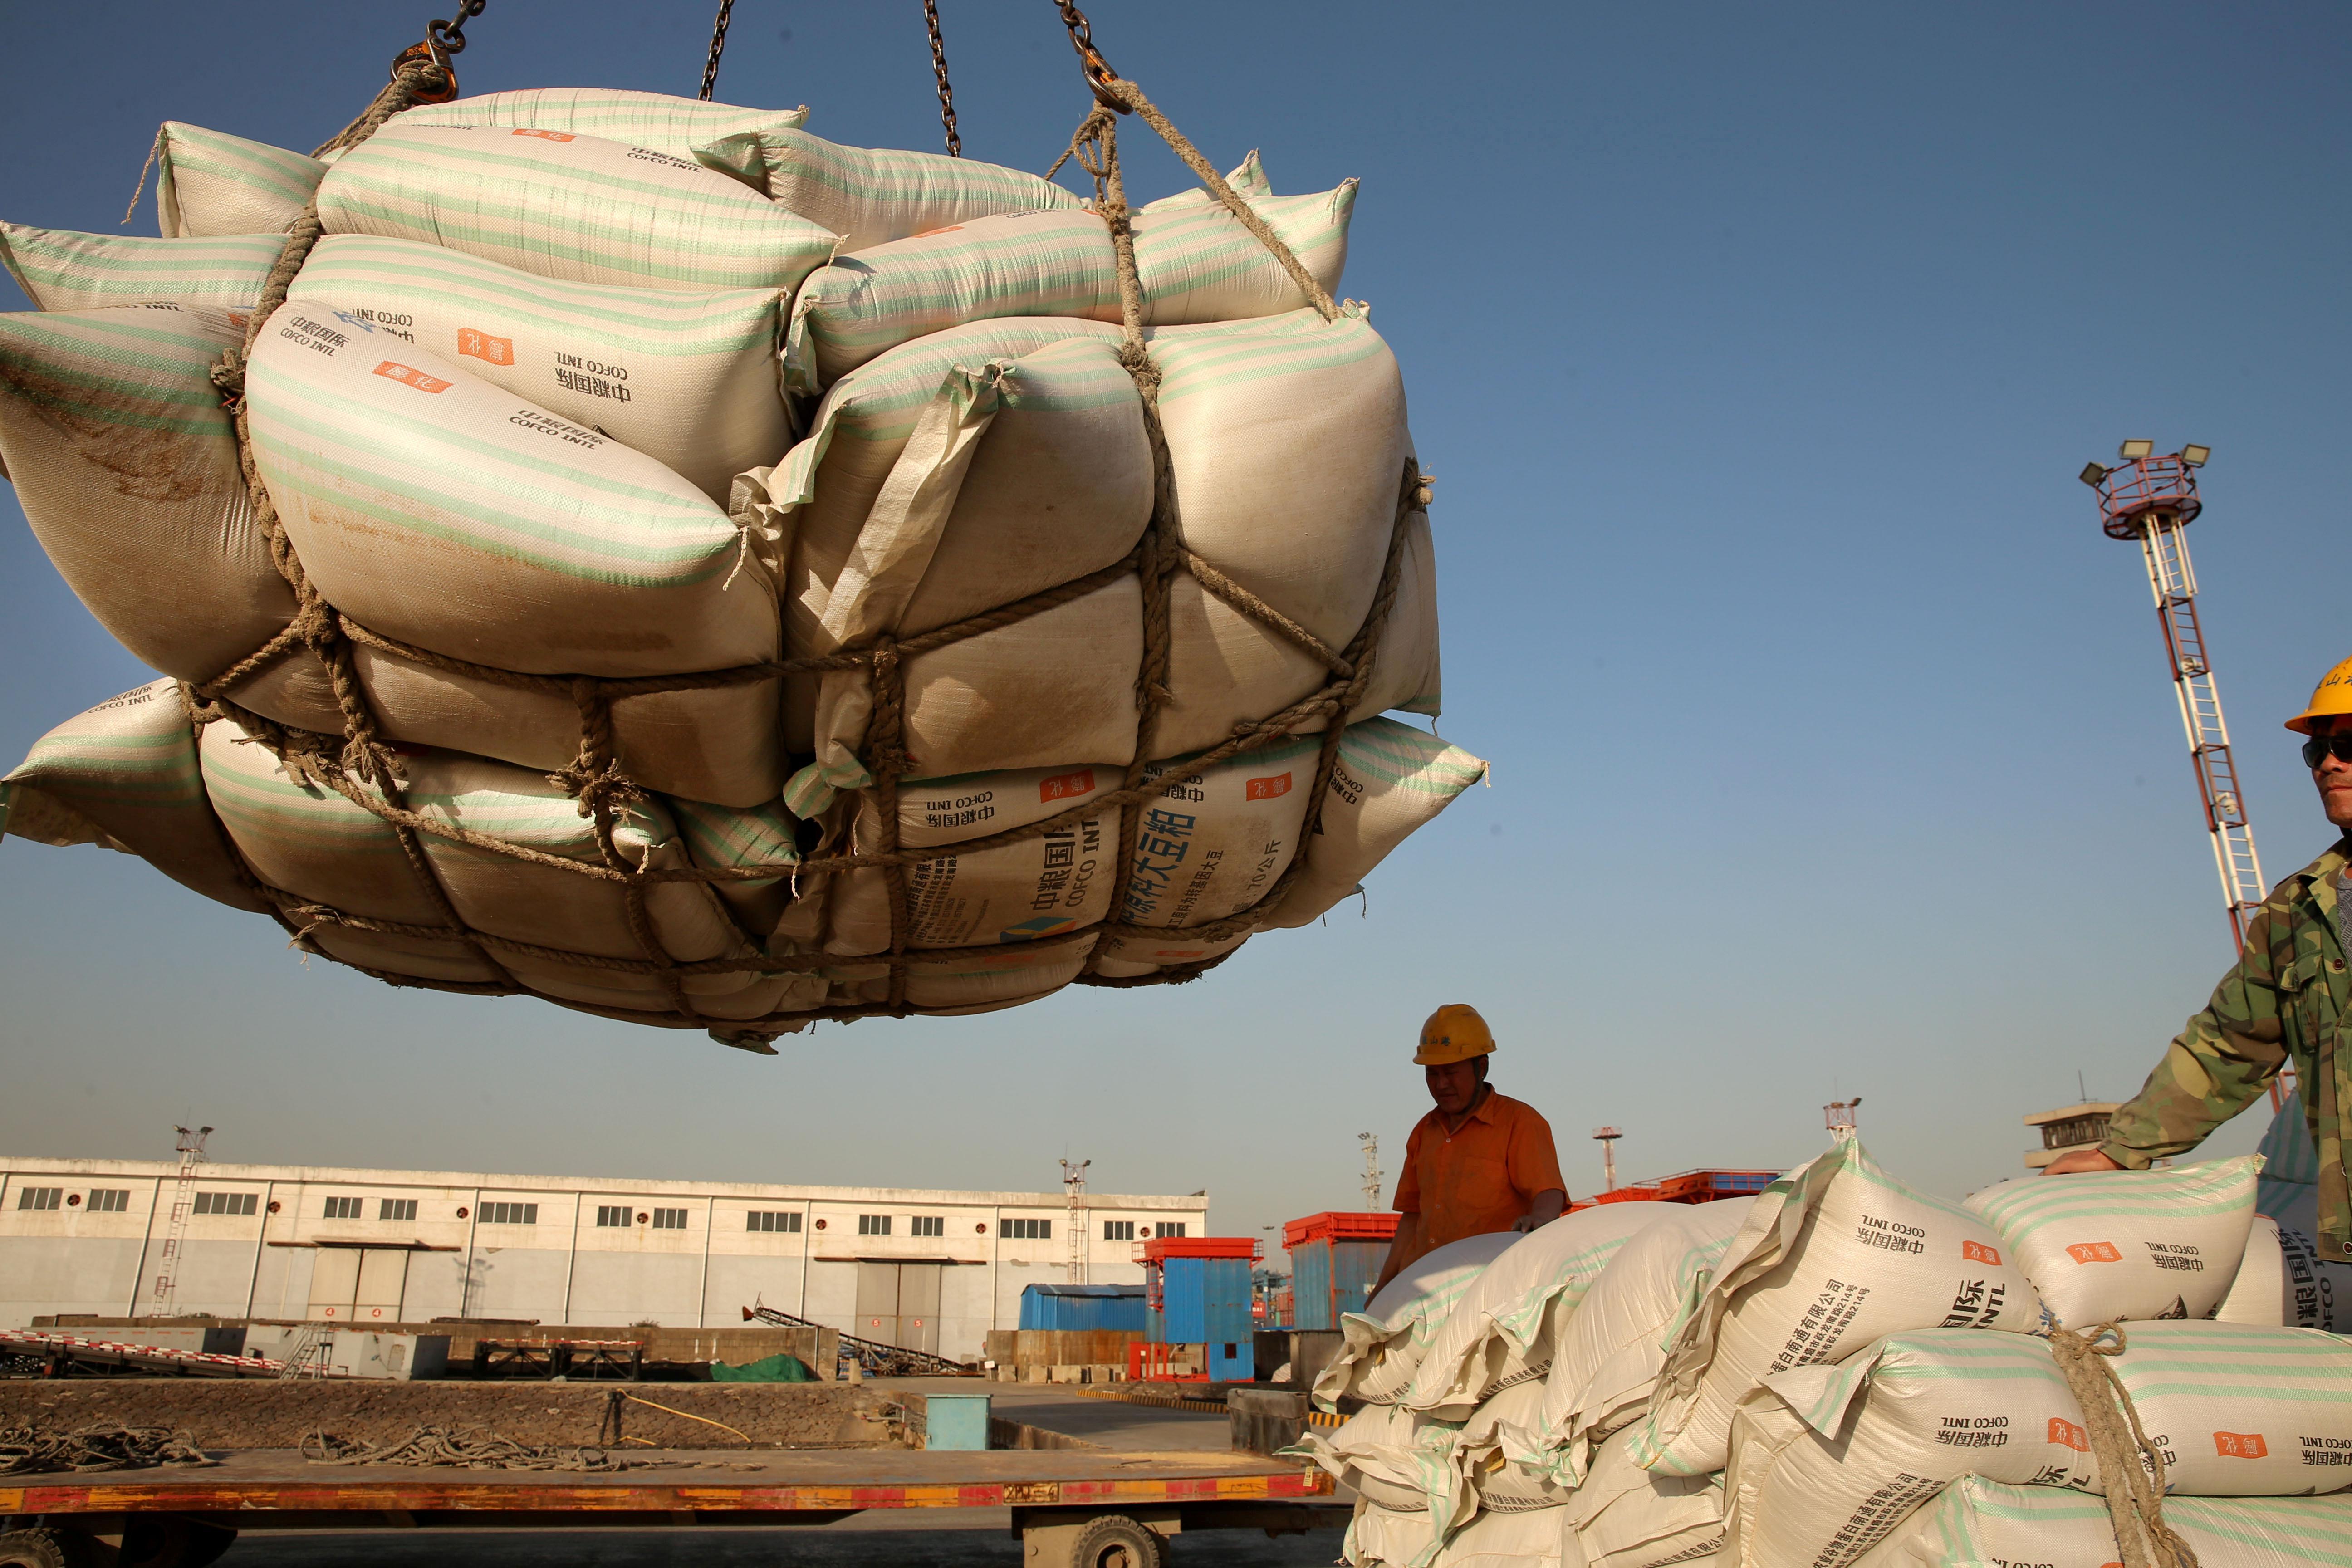 Factbox: U.S., China drafting memorandums for possible trade deal